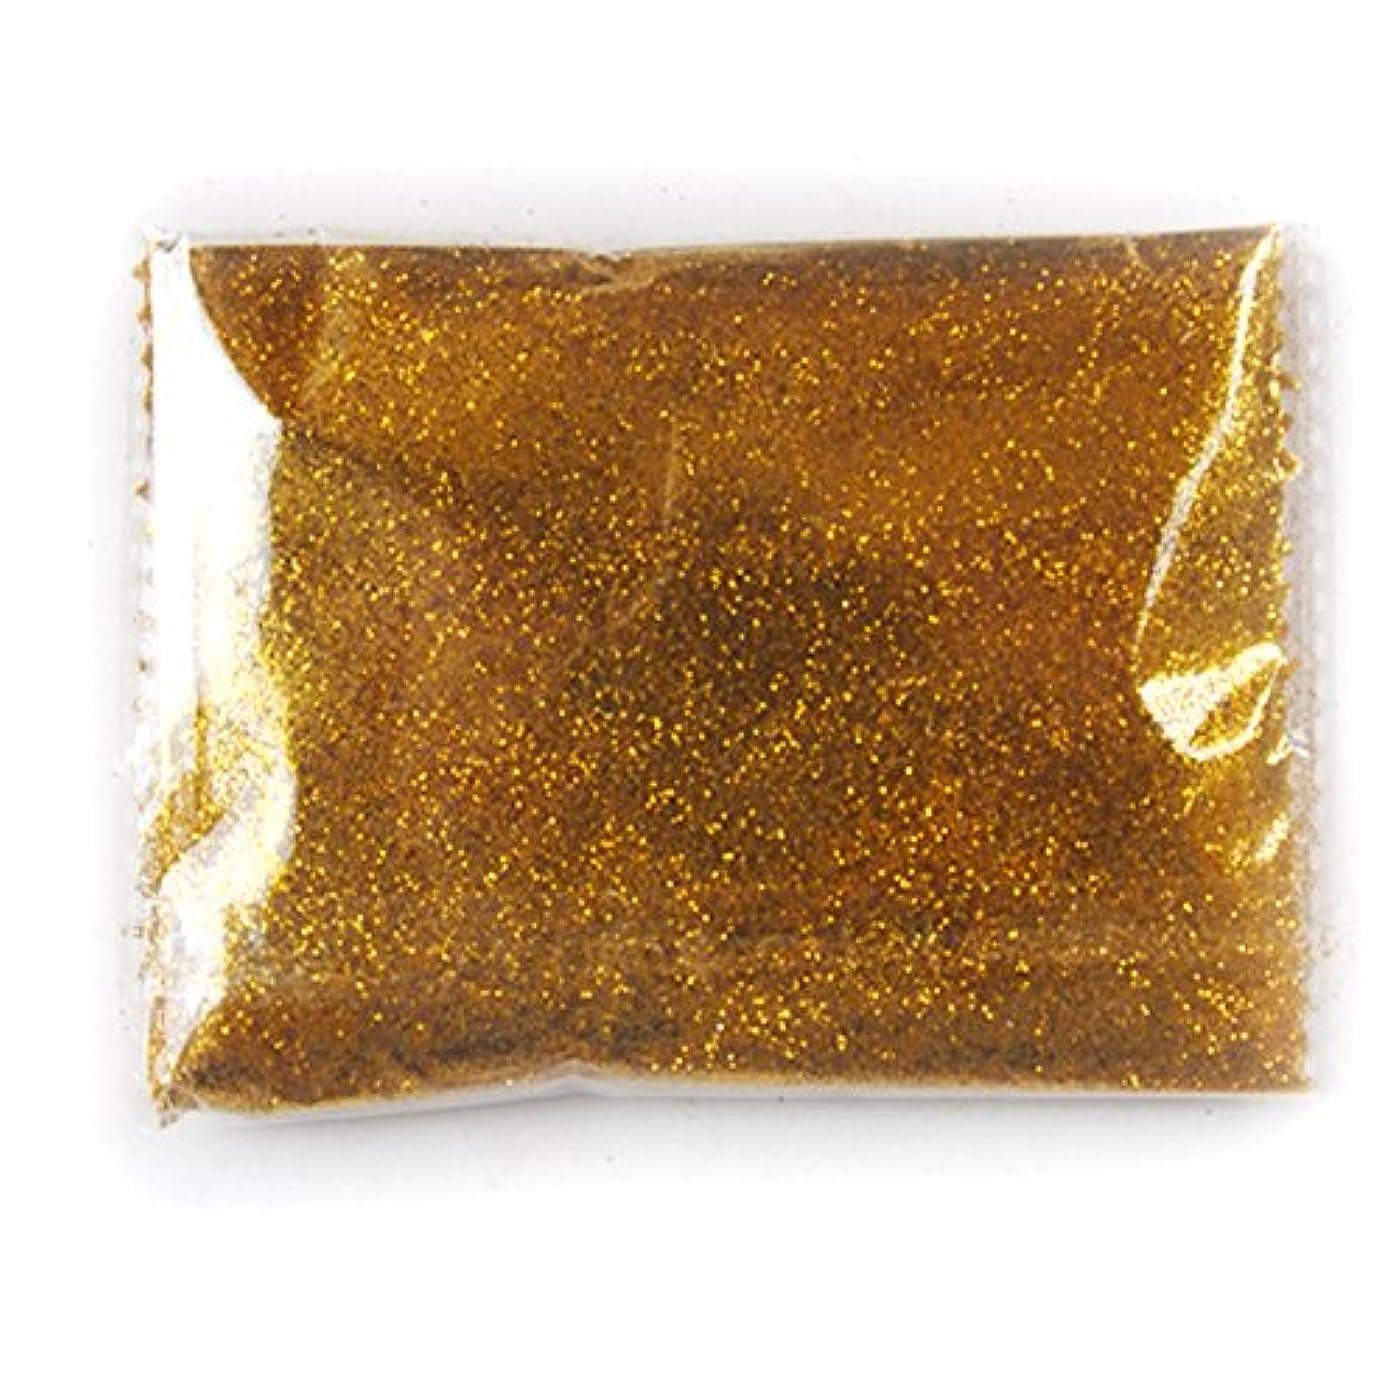 ビヨンミルク欠点80g キラキラ アクリルカラーパウダー グリッター ラメパウダー ネイル レジン用 金色